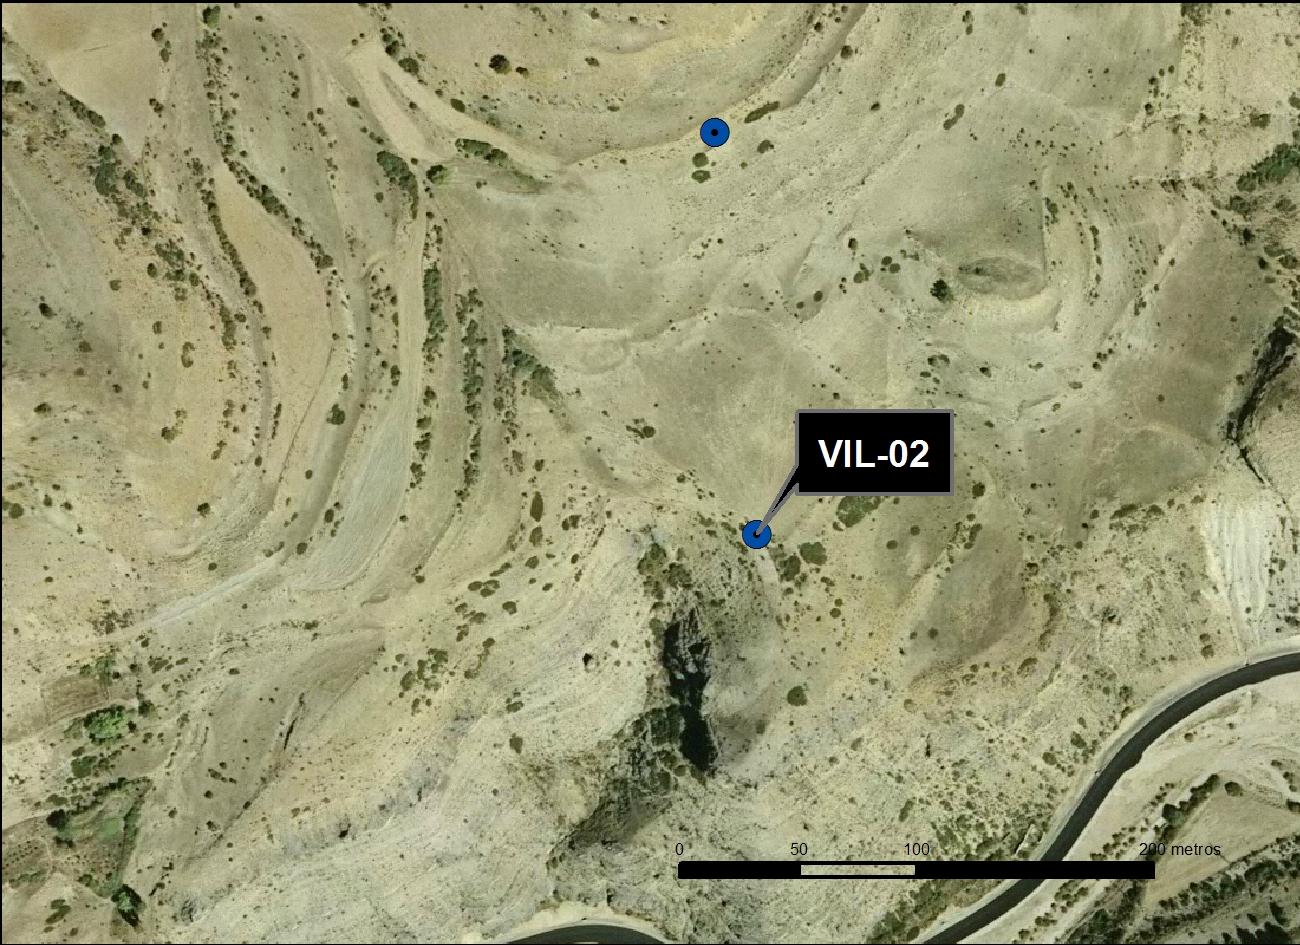 VIL_02_M.V.LOZANO_CARRERAS_ORTO 1